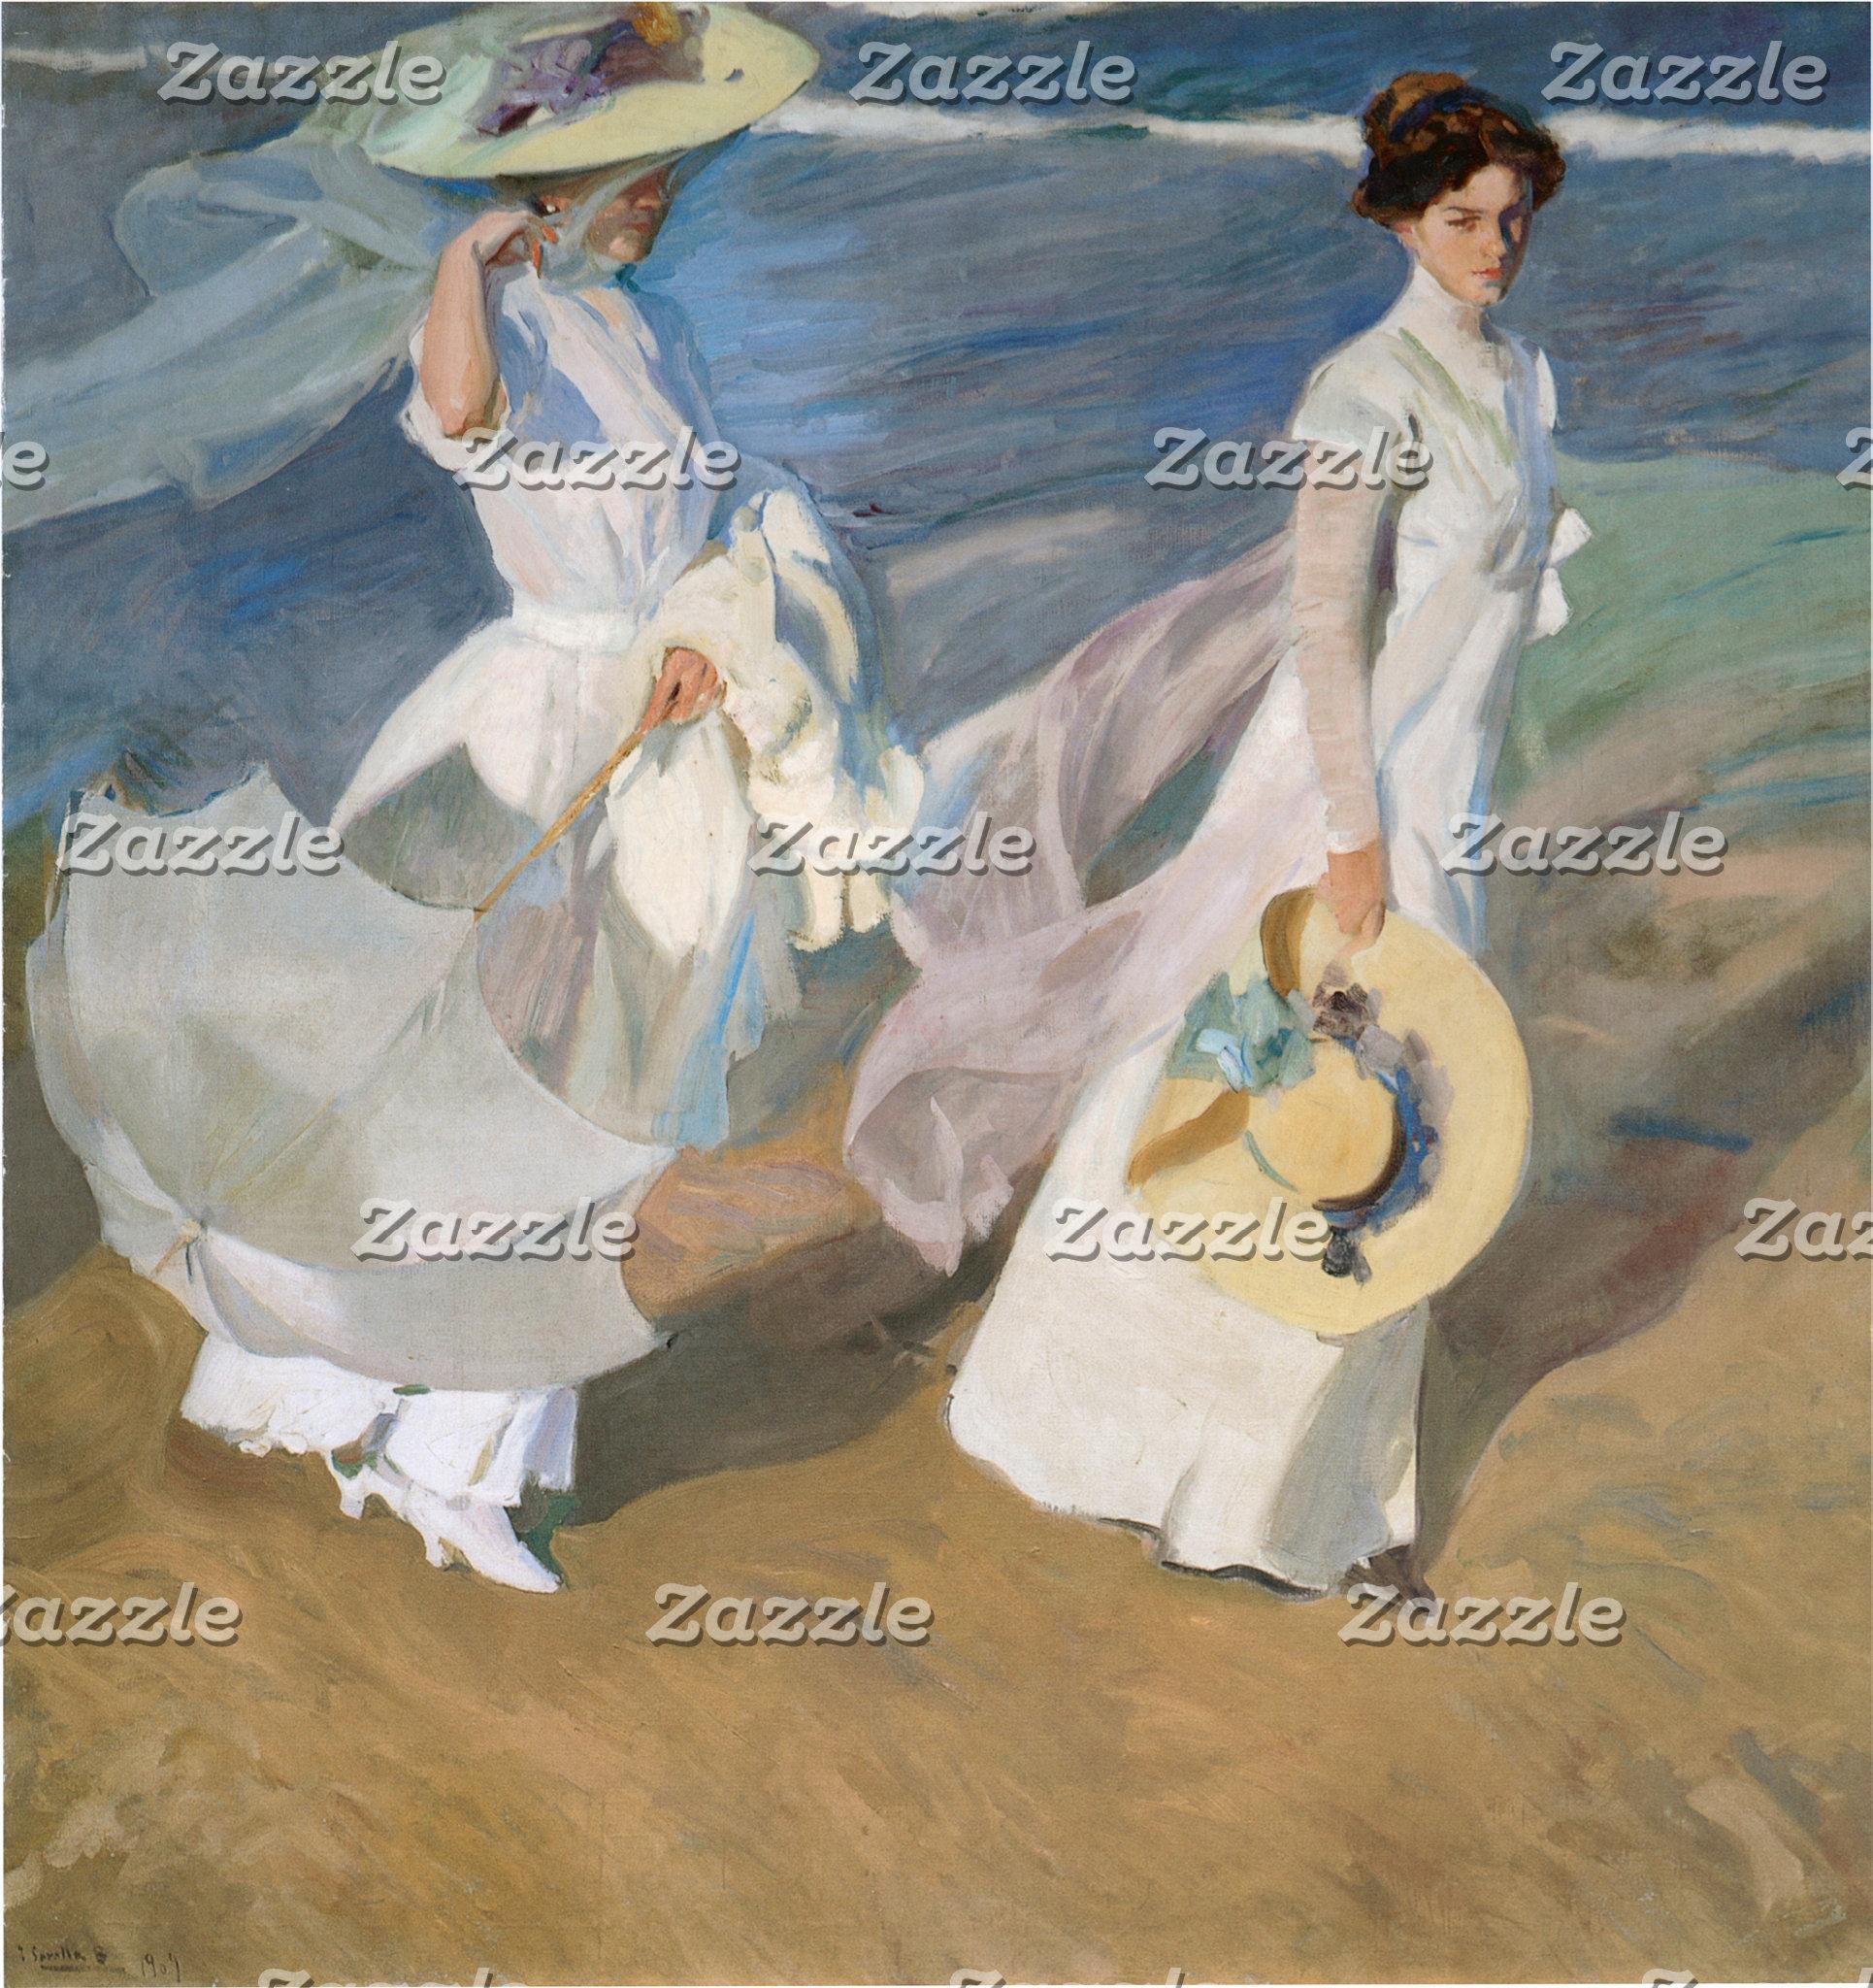 Ladies Wearing White Gifts